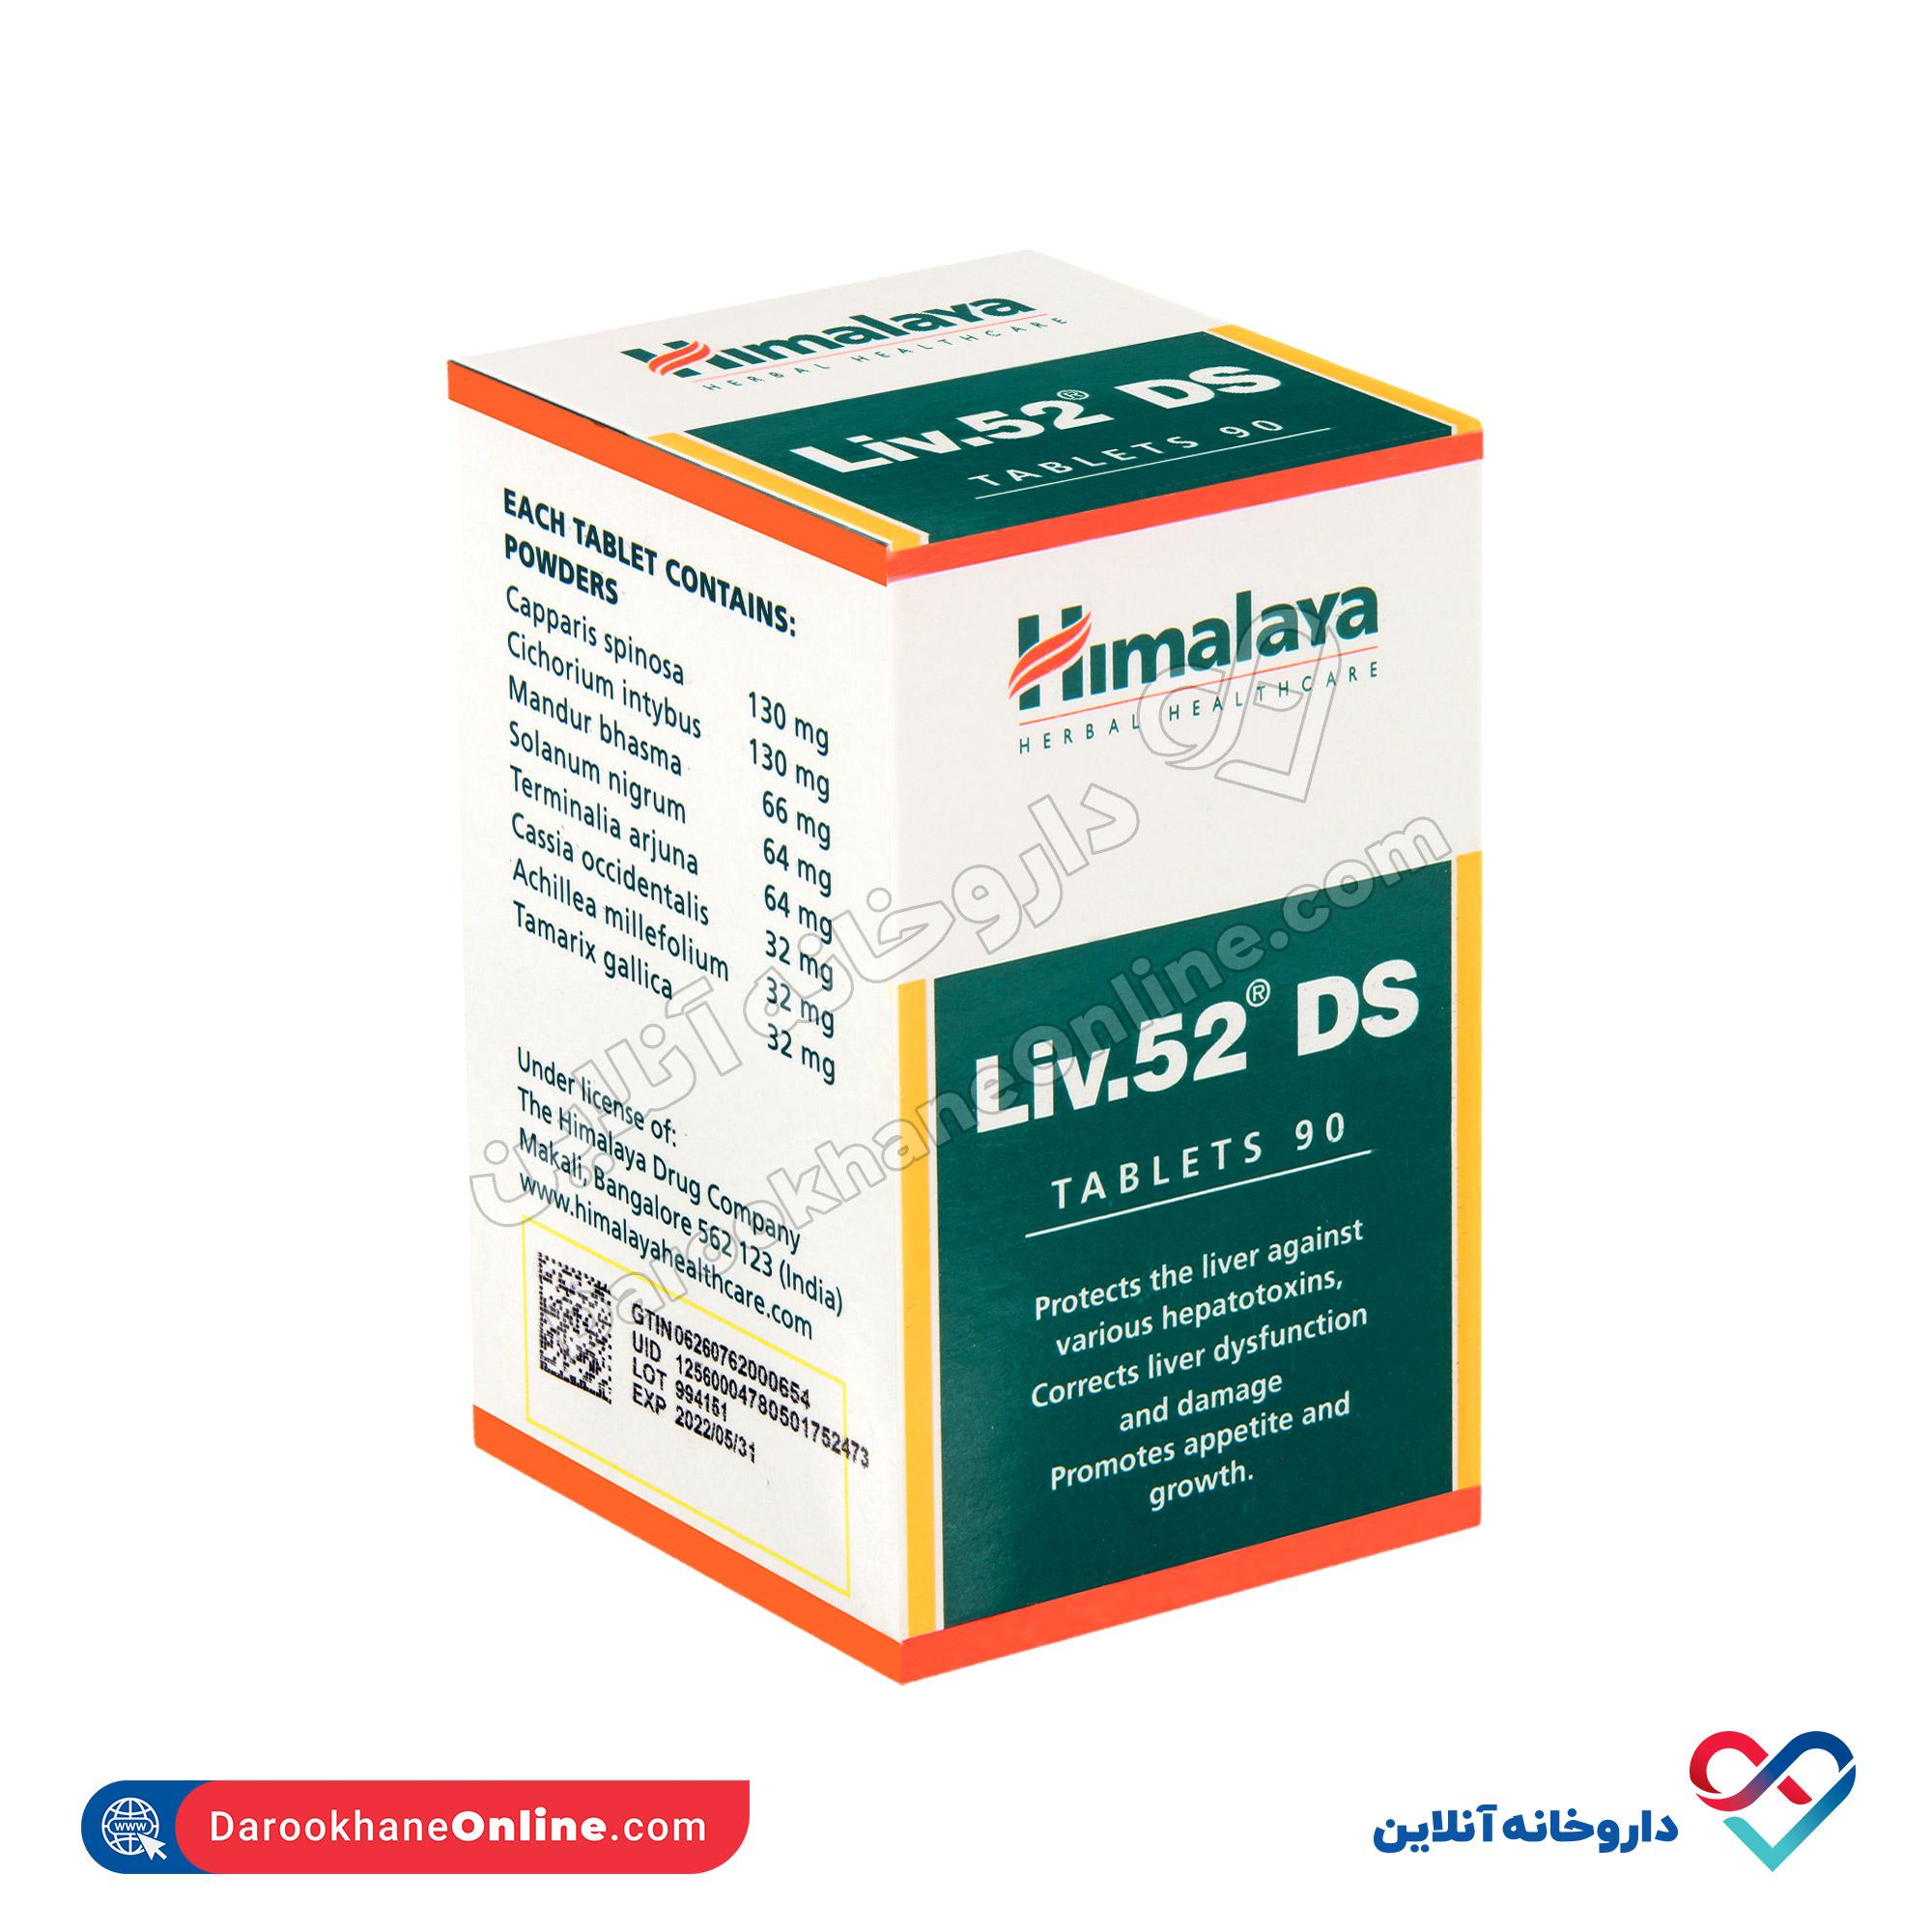 قرص لیو 52 دی اس هیمالیا   90 عدد   بهبود اختلالات کبدی و درمان کم اشتهایی و کاهش وزن